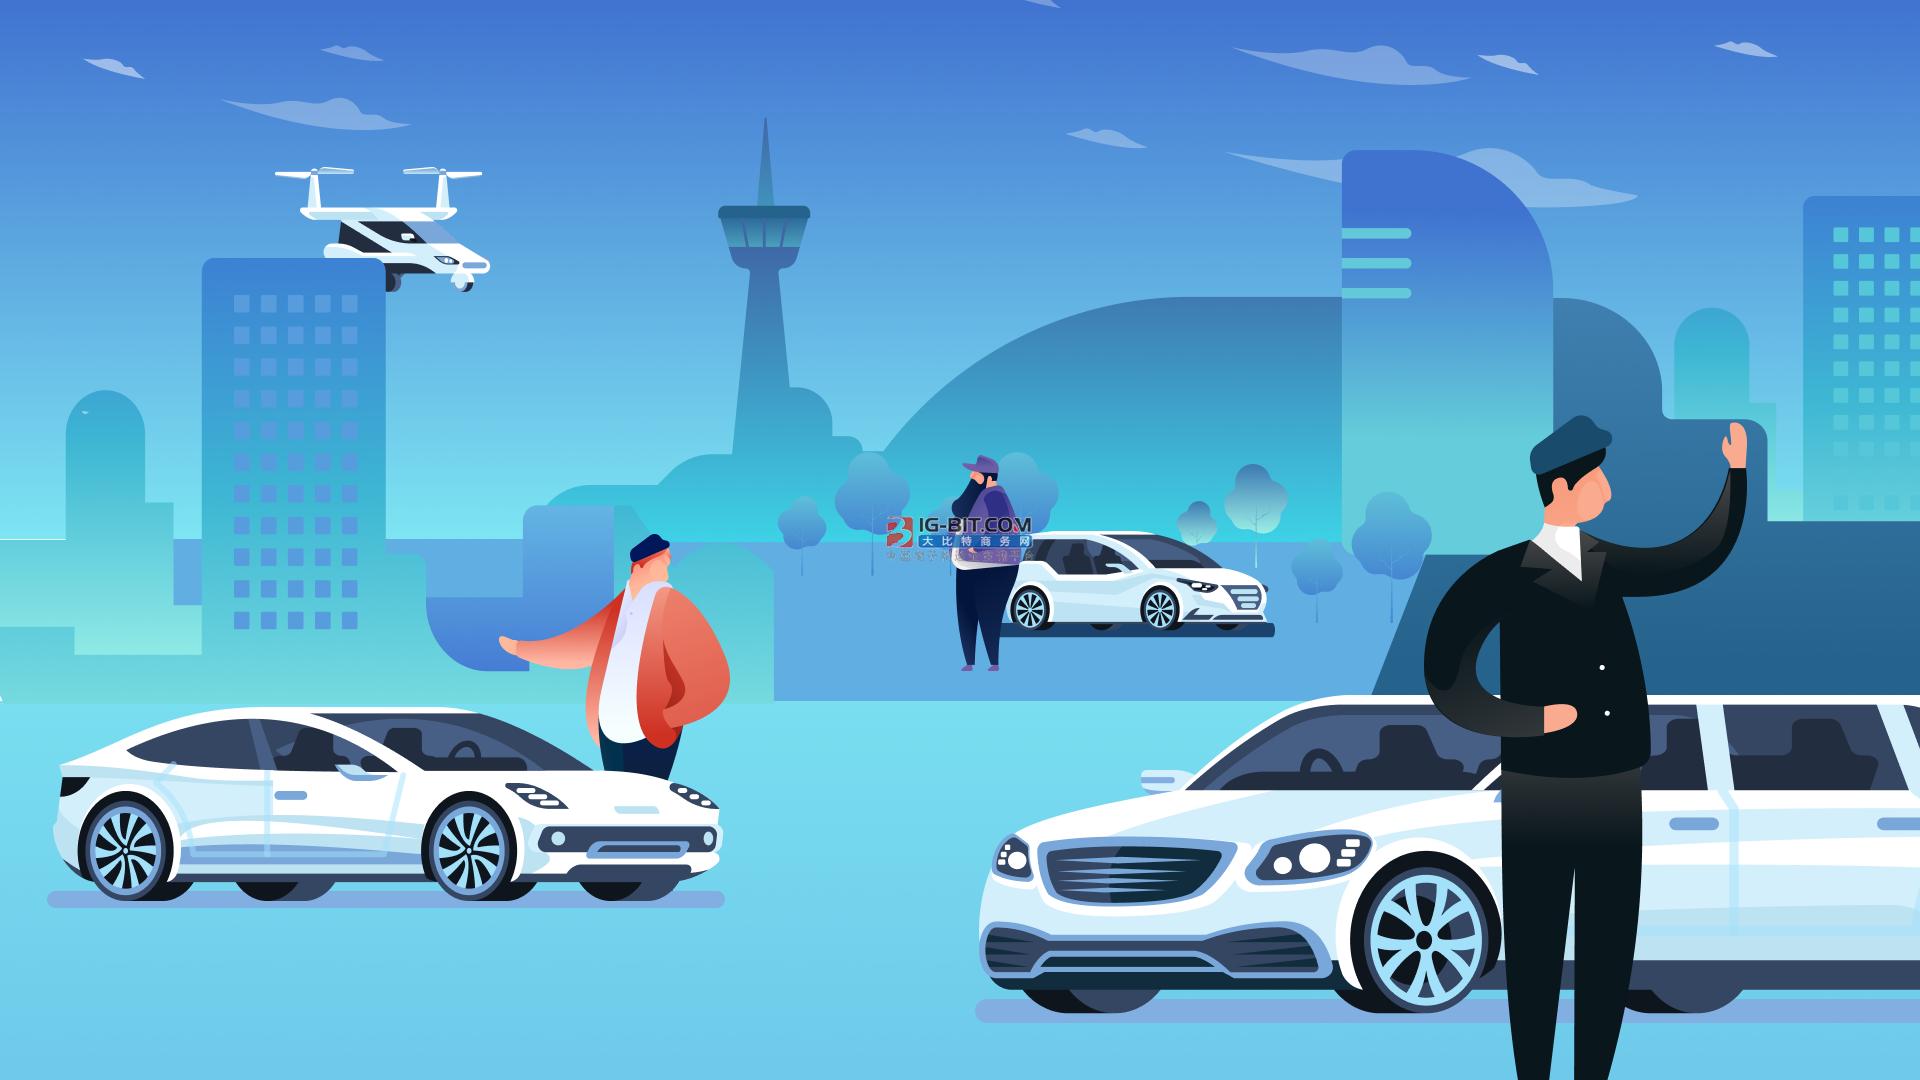 英特尔63亿收购网约车公司Moovit,无人出租2022年落地